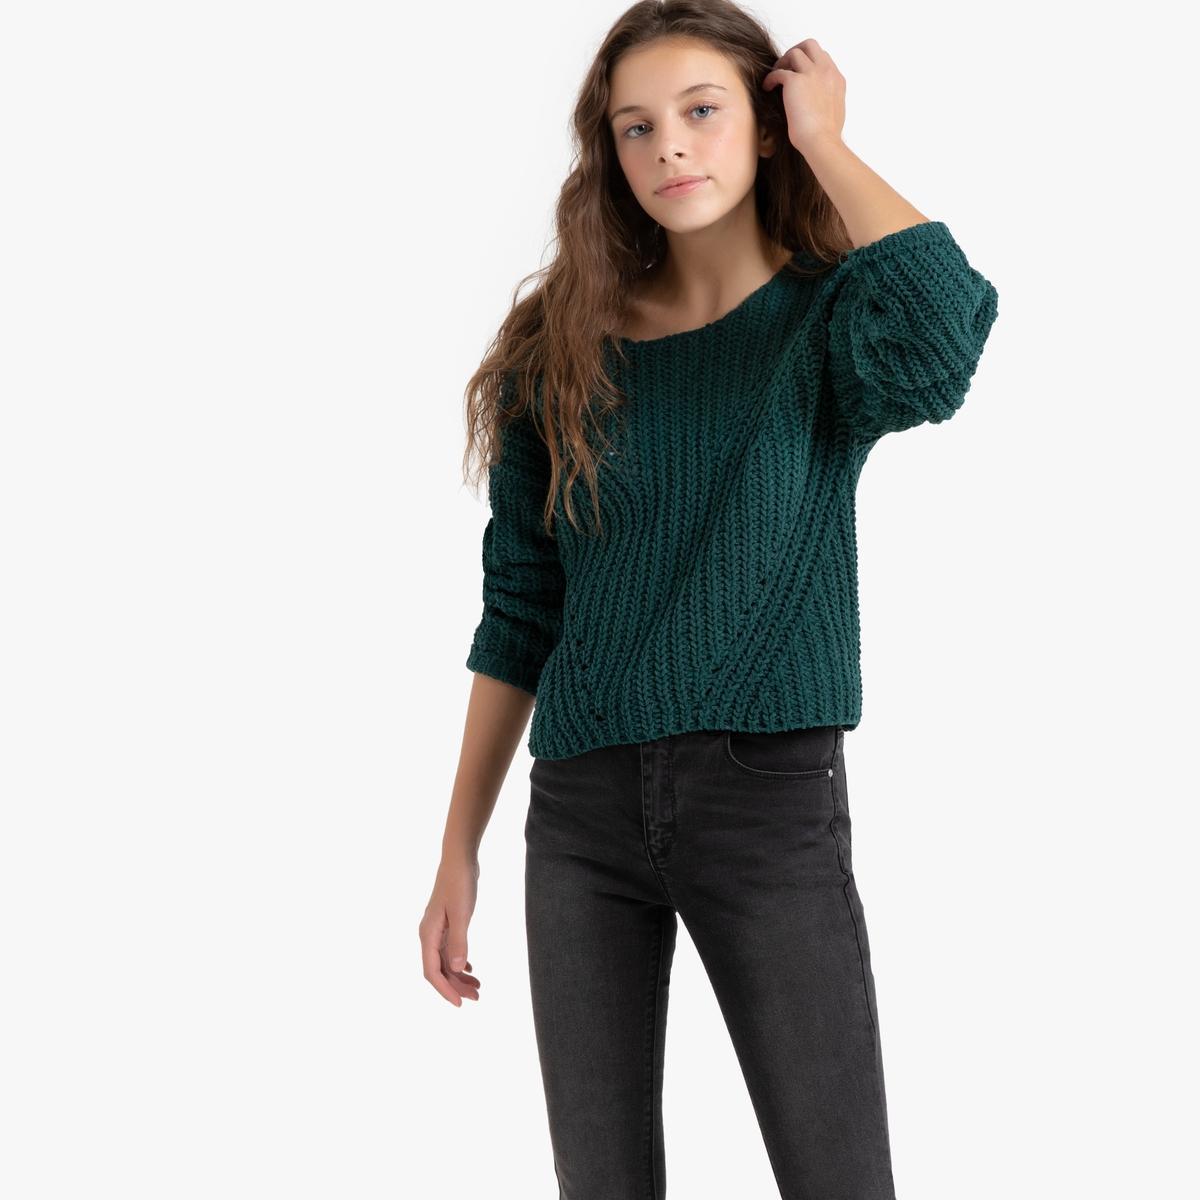 Пуловер La Redoute С круглым вырезом из плотного трикотажа 14 лет - 156 см зеленый пуловер la redoute с круглым вырезом из шерсти мериноса pascal 3xl черный